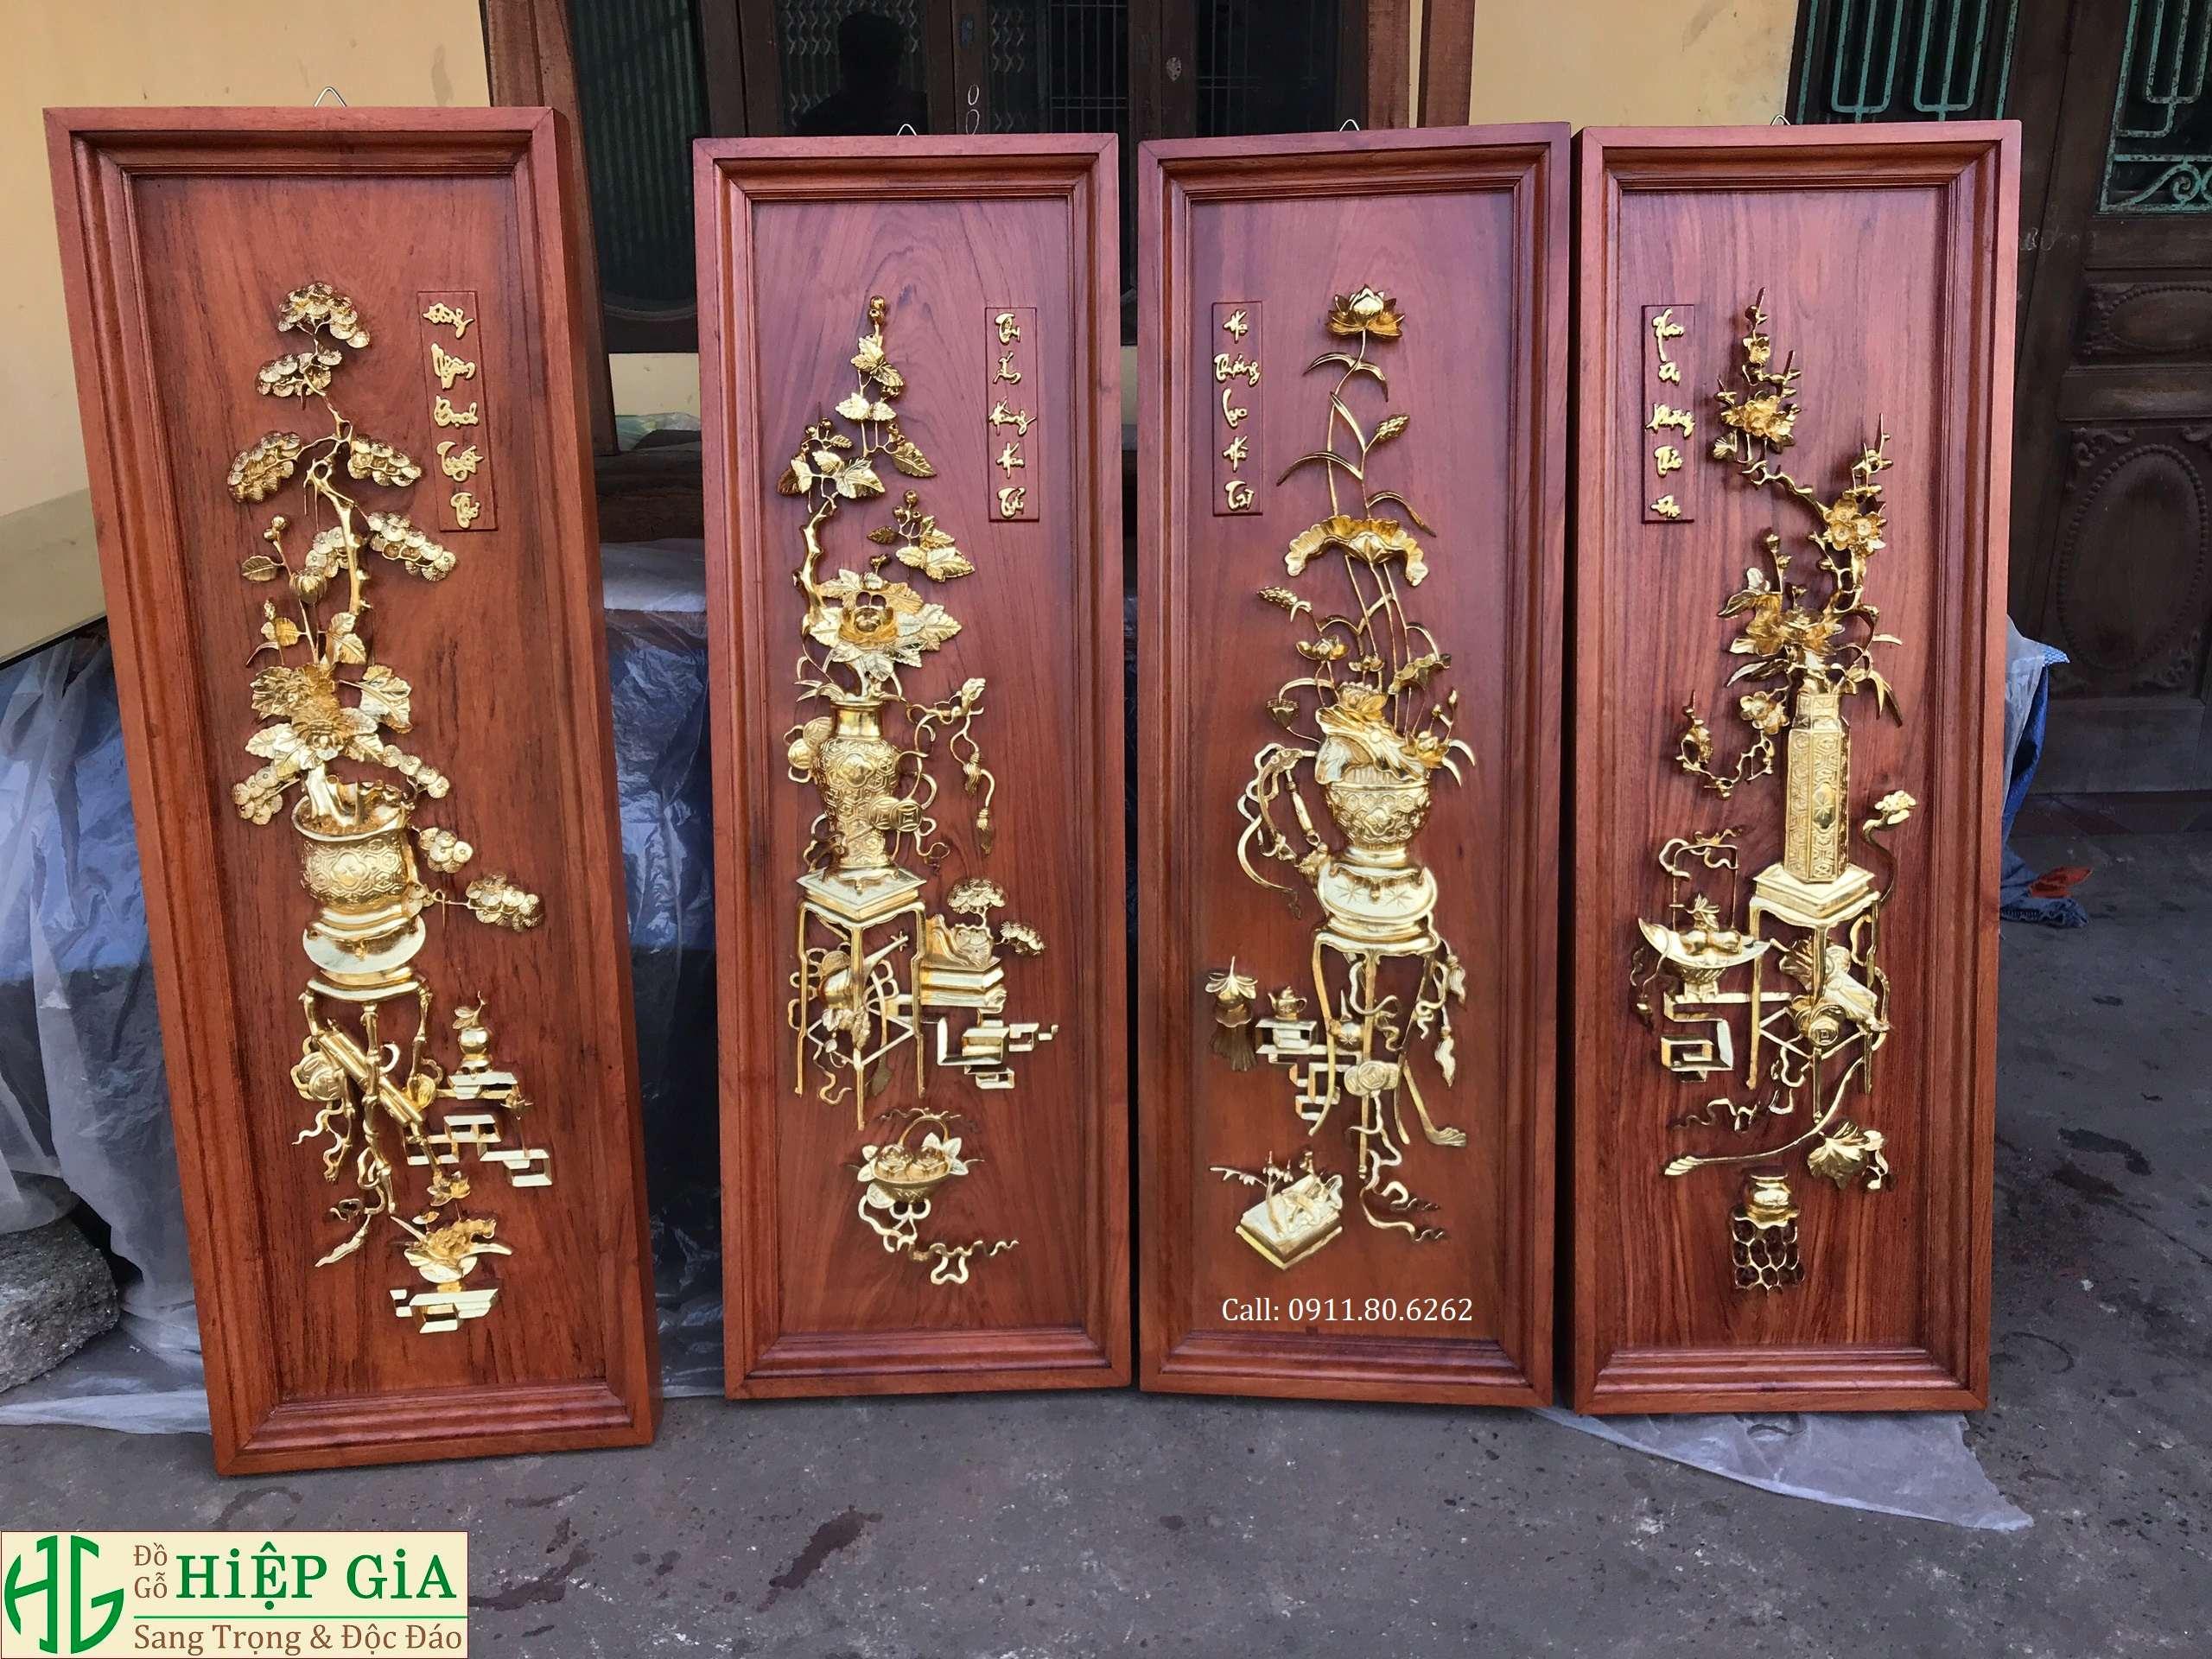 Tranh Tu Binh Son Son Thep Vang 15 - Tranh Tứ Bình Sơn Son Thiếp Vàng MS: 15